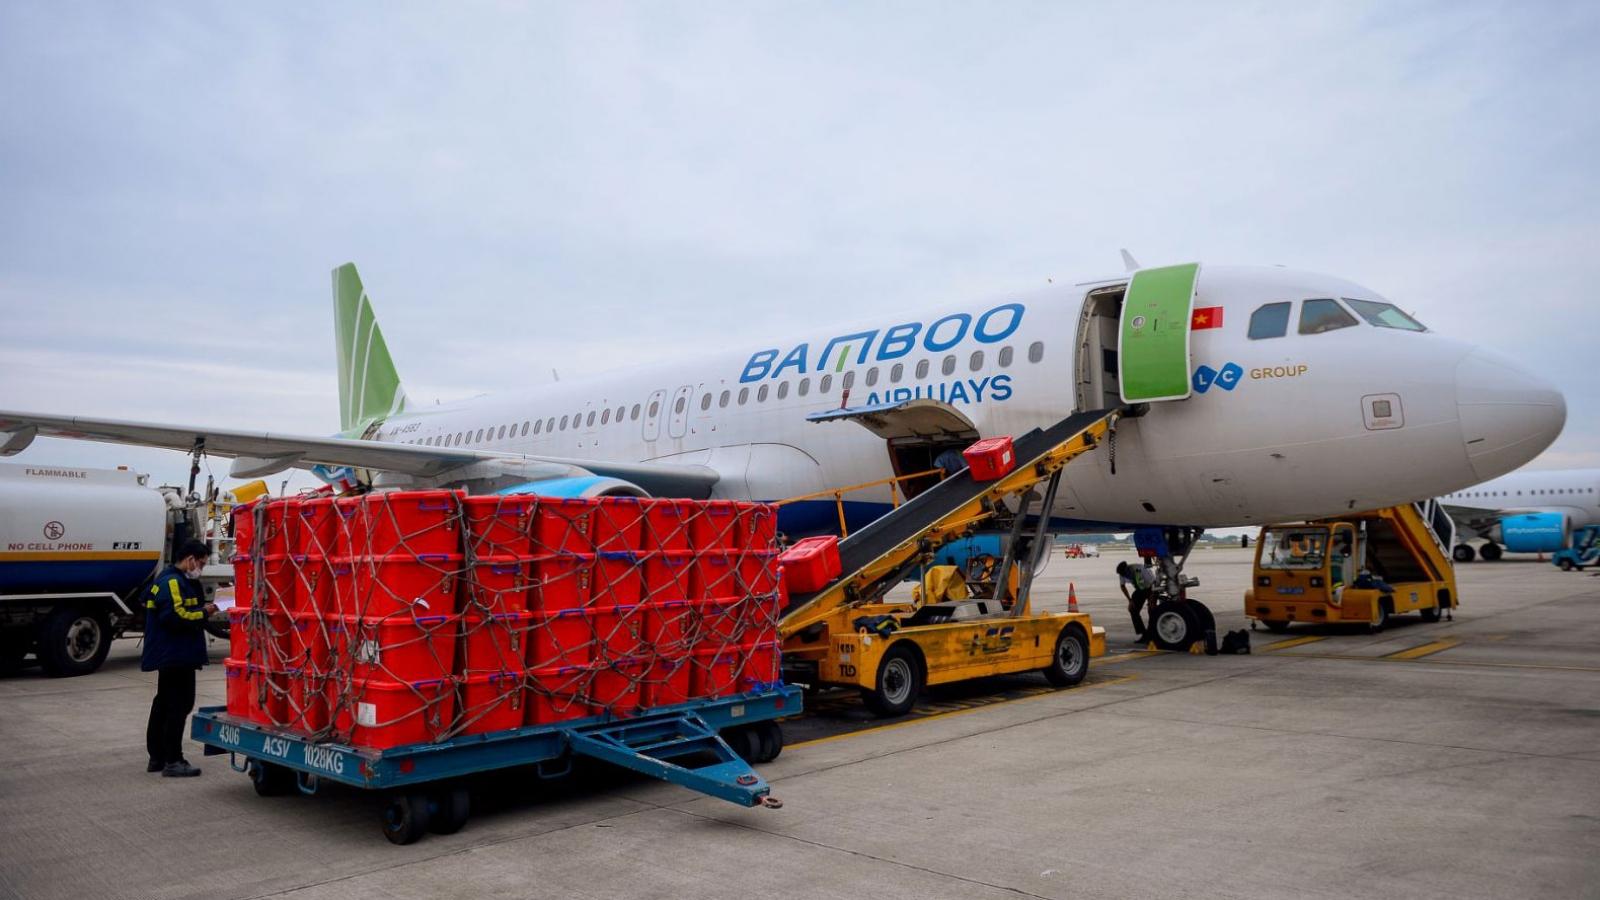 Bamboo Airways cấp tập đưa bác sĩ, hàng hóa y tế vào hỗ trợ đồng bào miền Trung